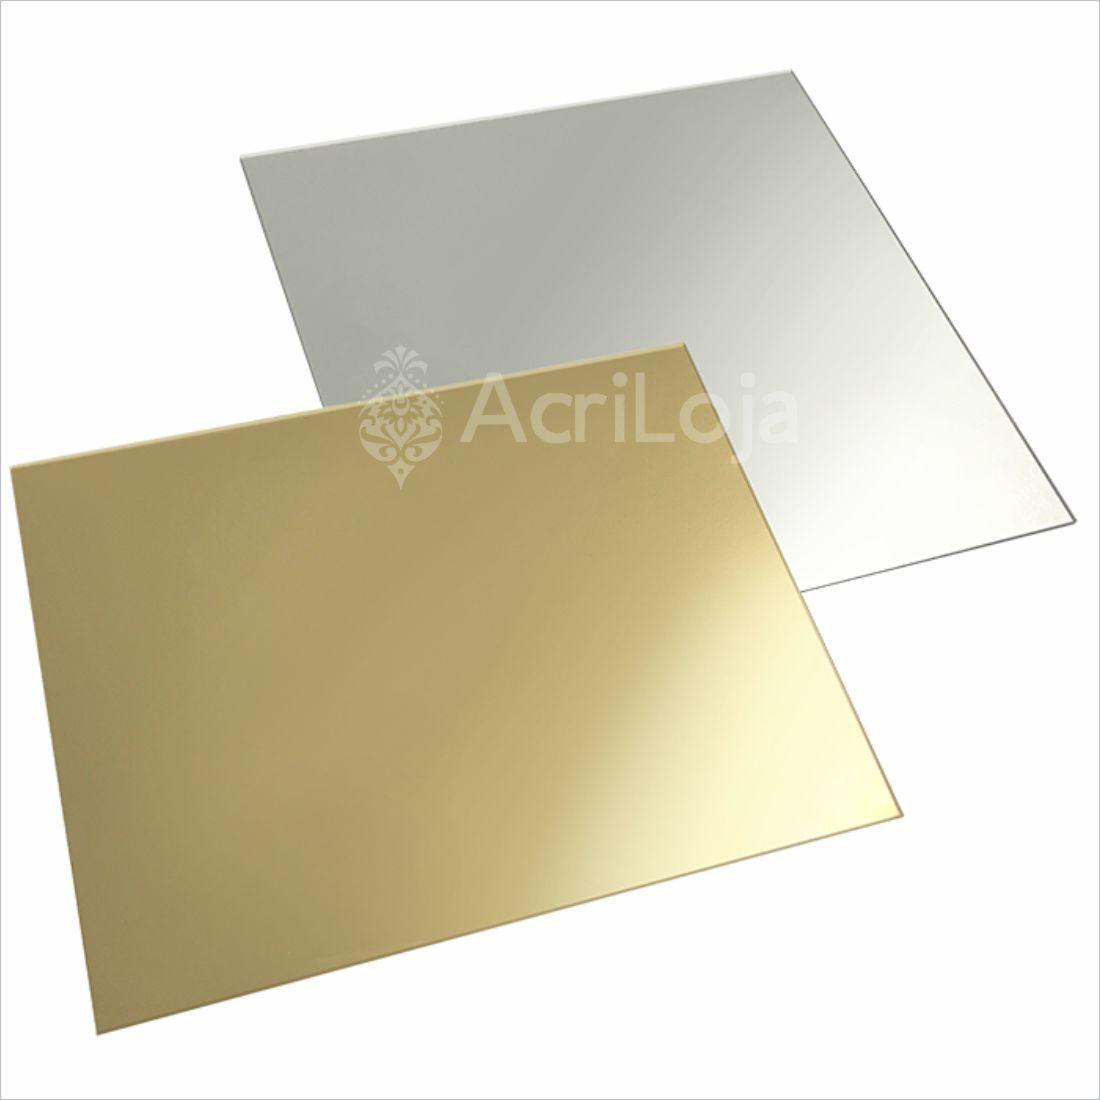 Placa de Acrilico Espelhado 100cm x 200cm Espessura 3mm, Chapa de Acrilico